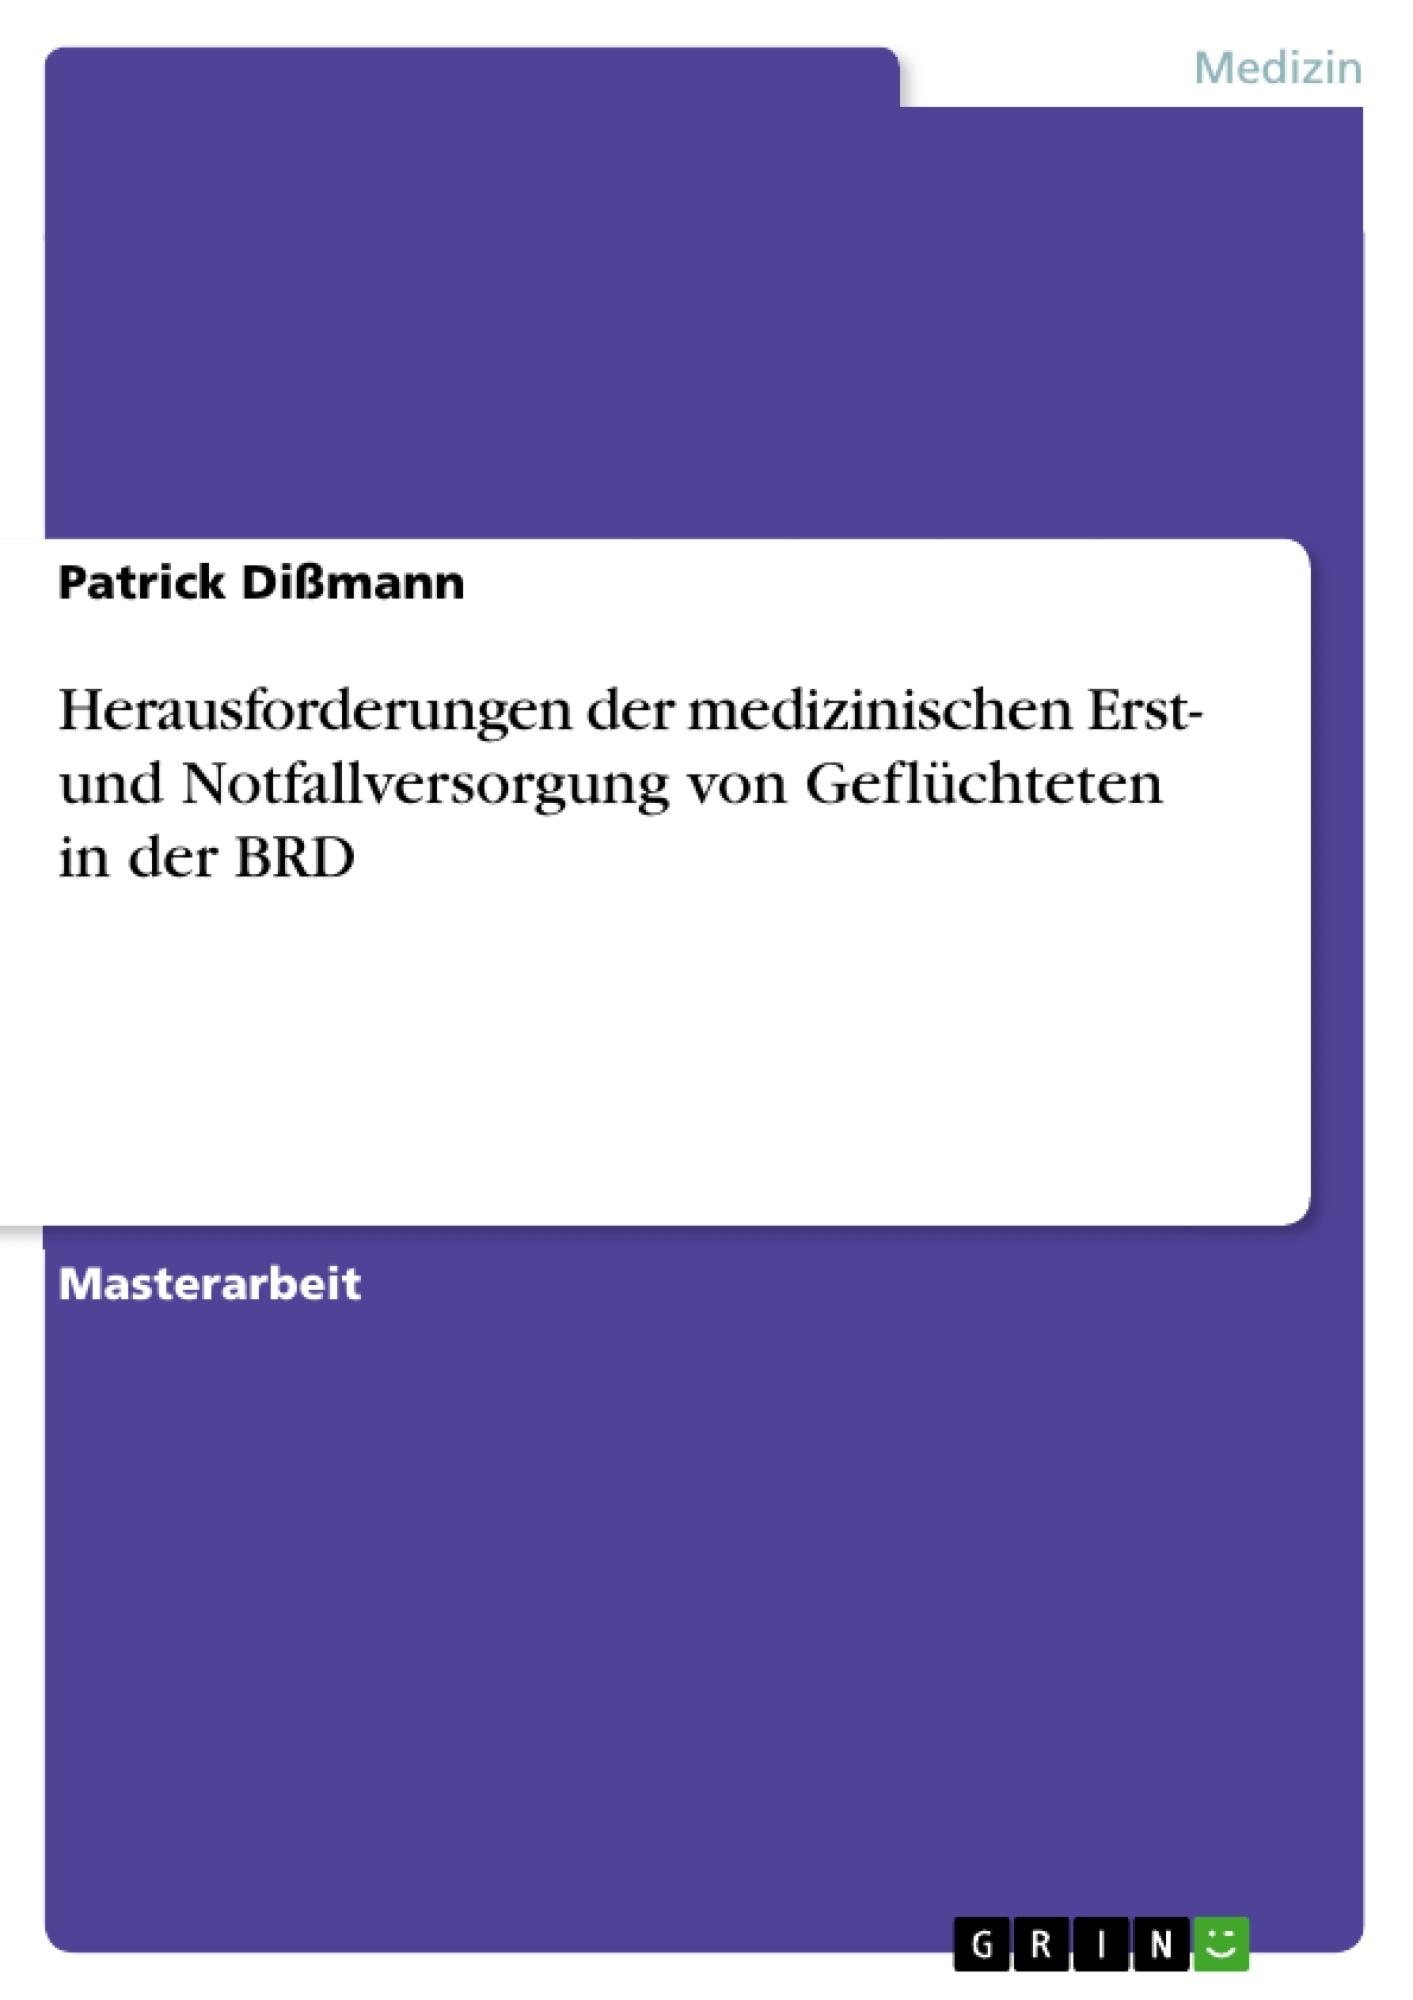 Titel: Herausforderungen der medizinischen Erst- und Notfallversorgung von Geflüchteten in der BRD